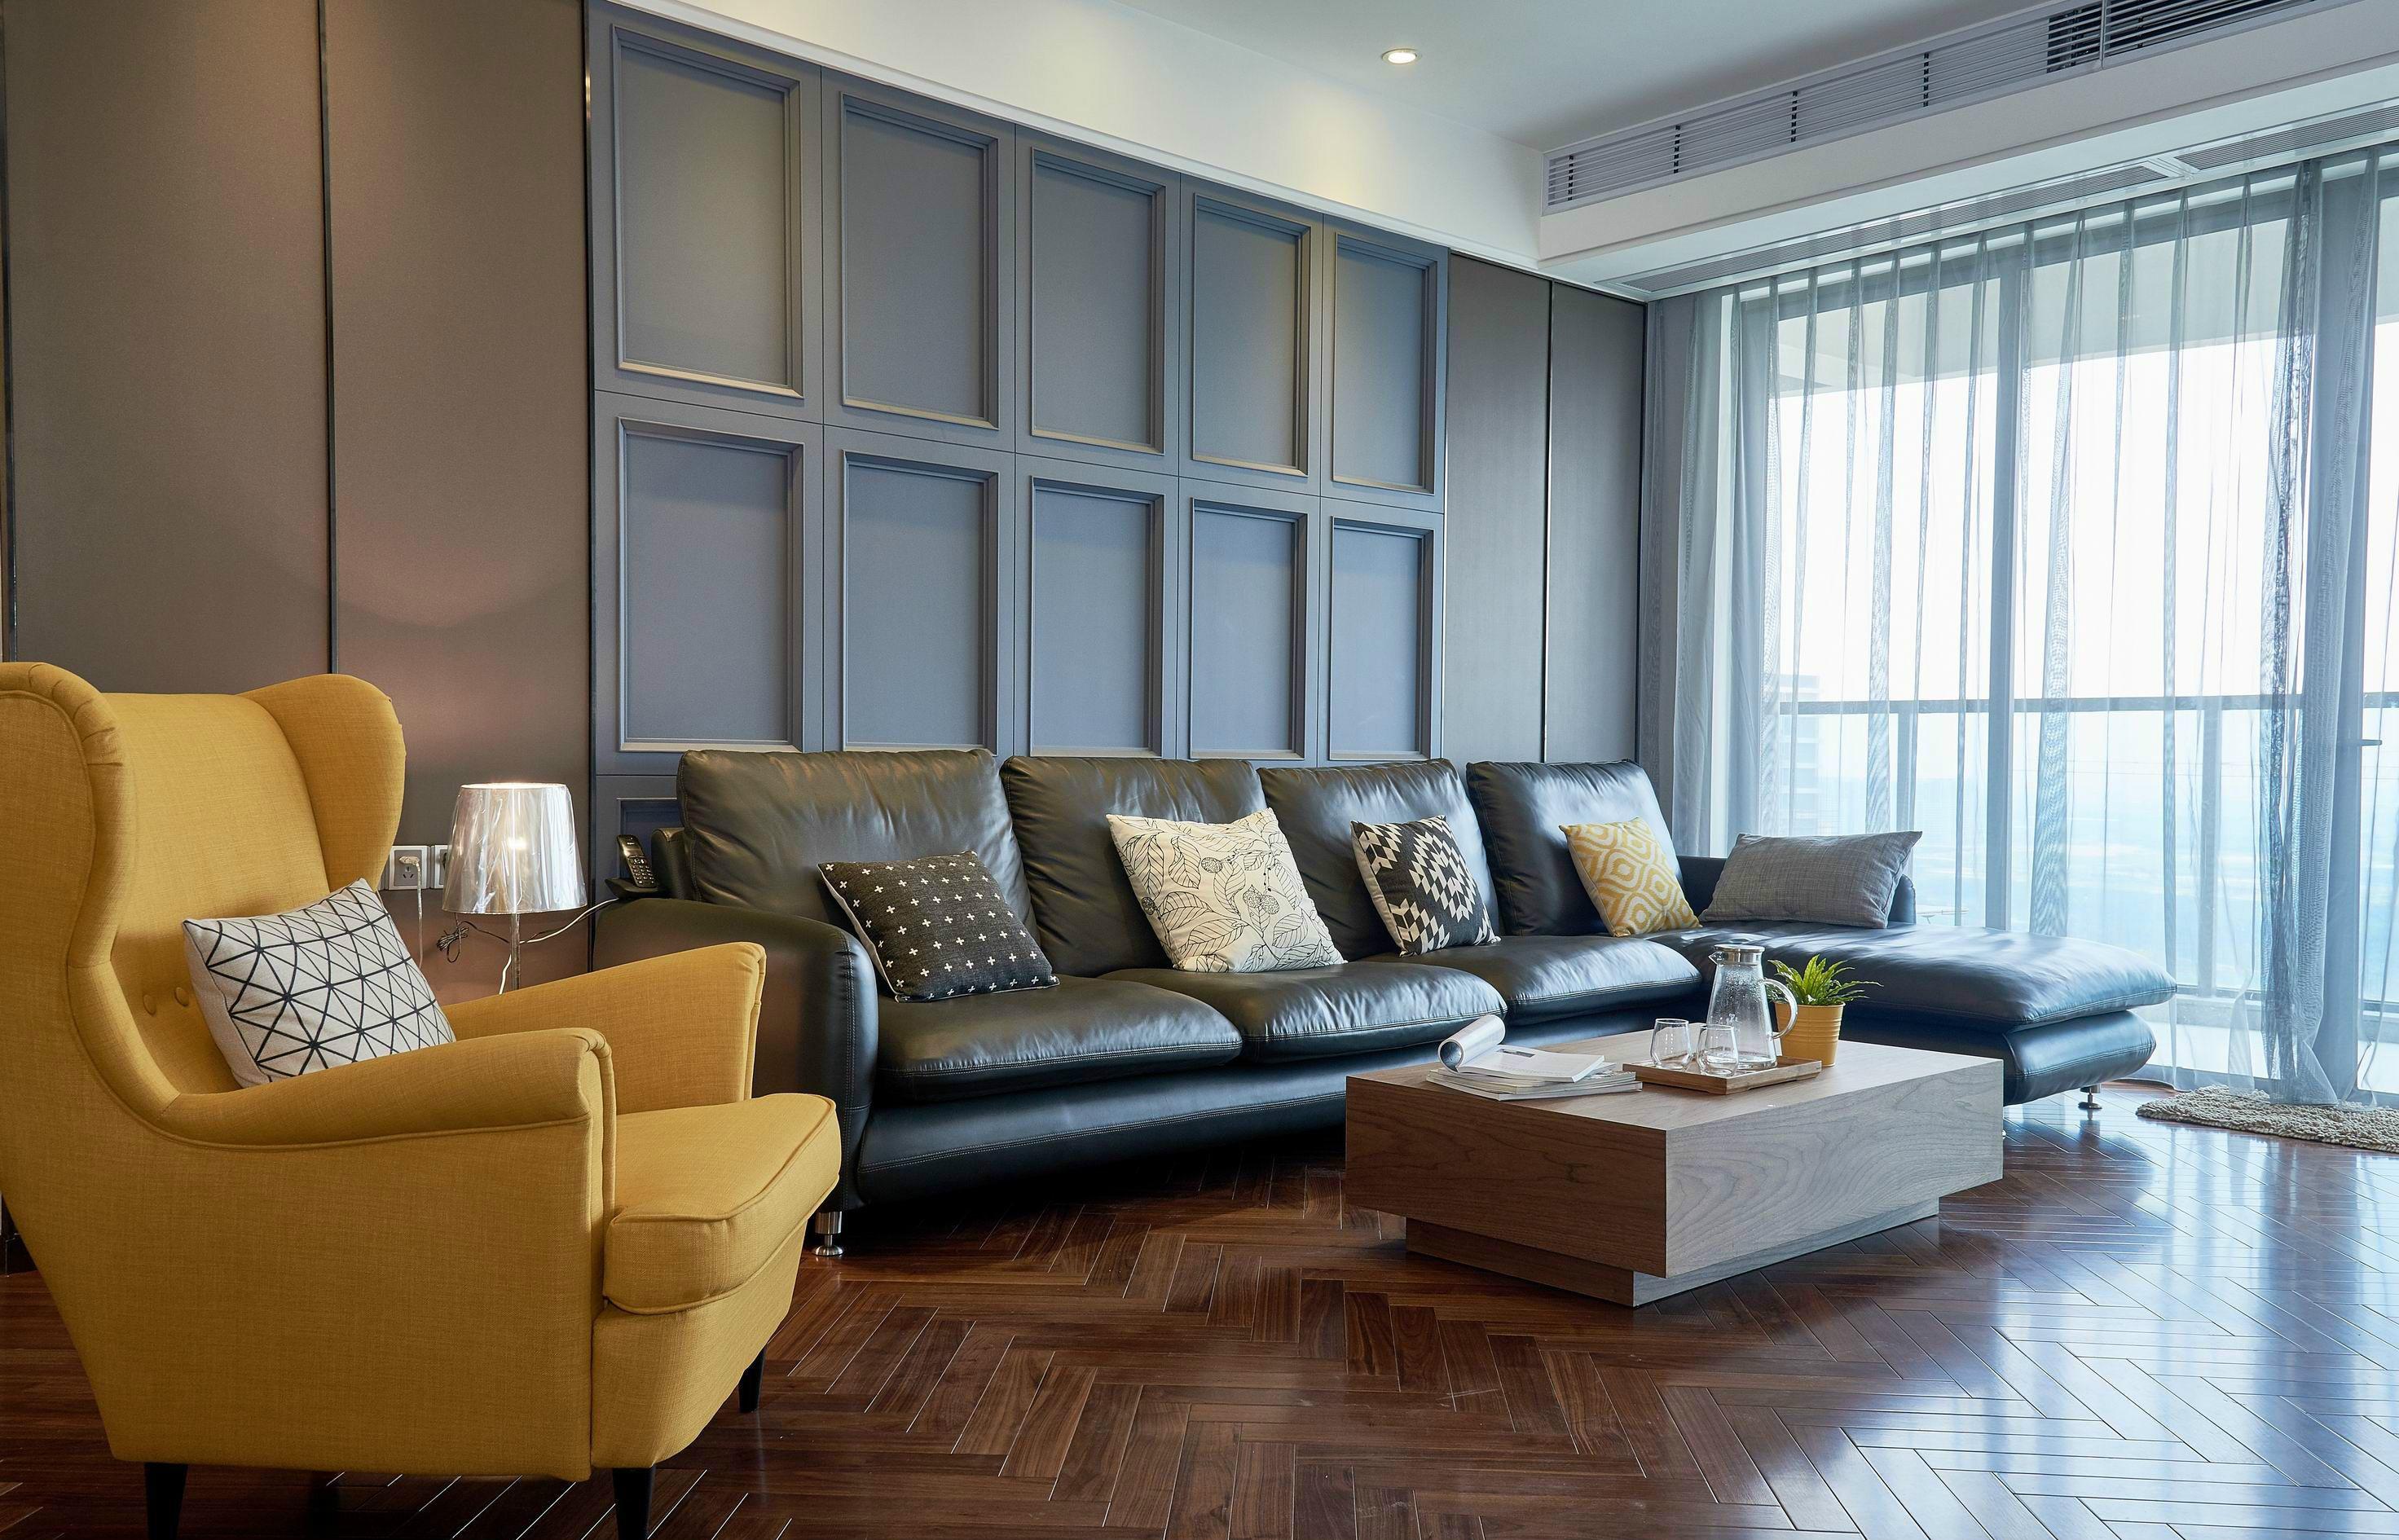 105㎡现代简约沙发背景墙装修效果图